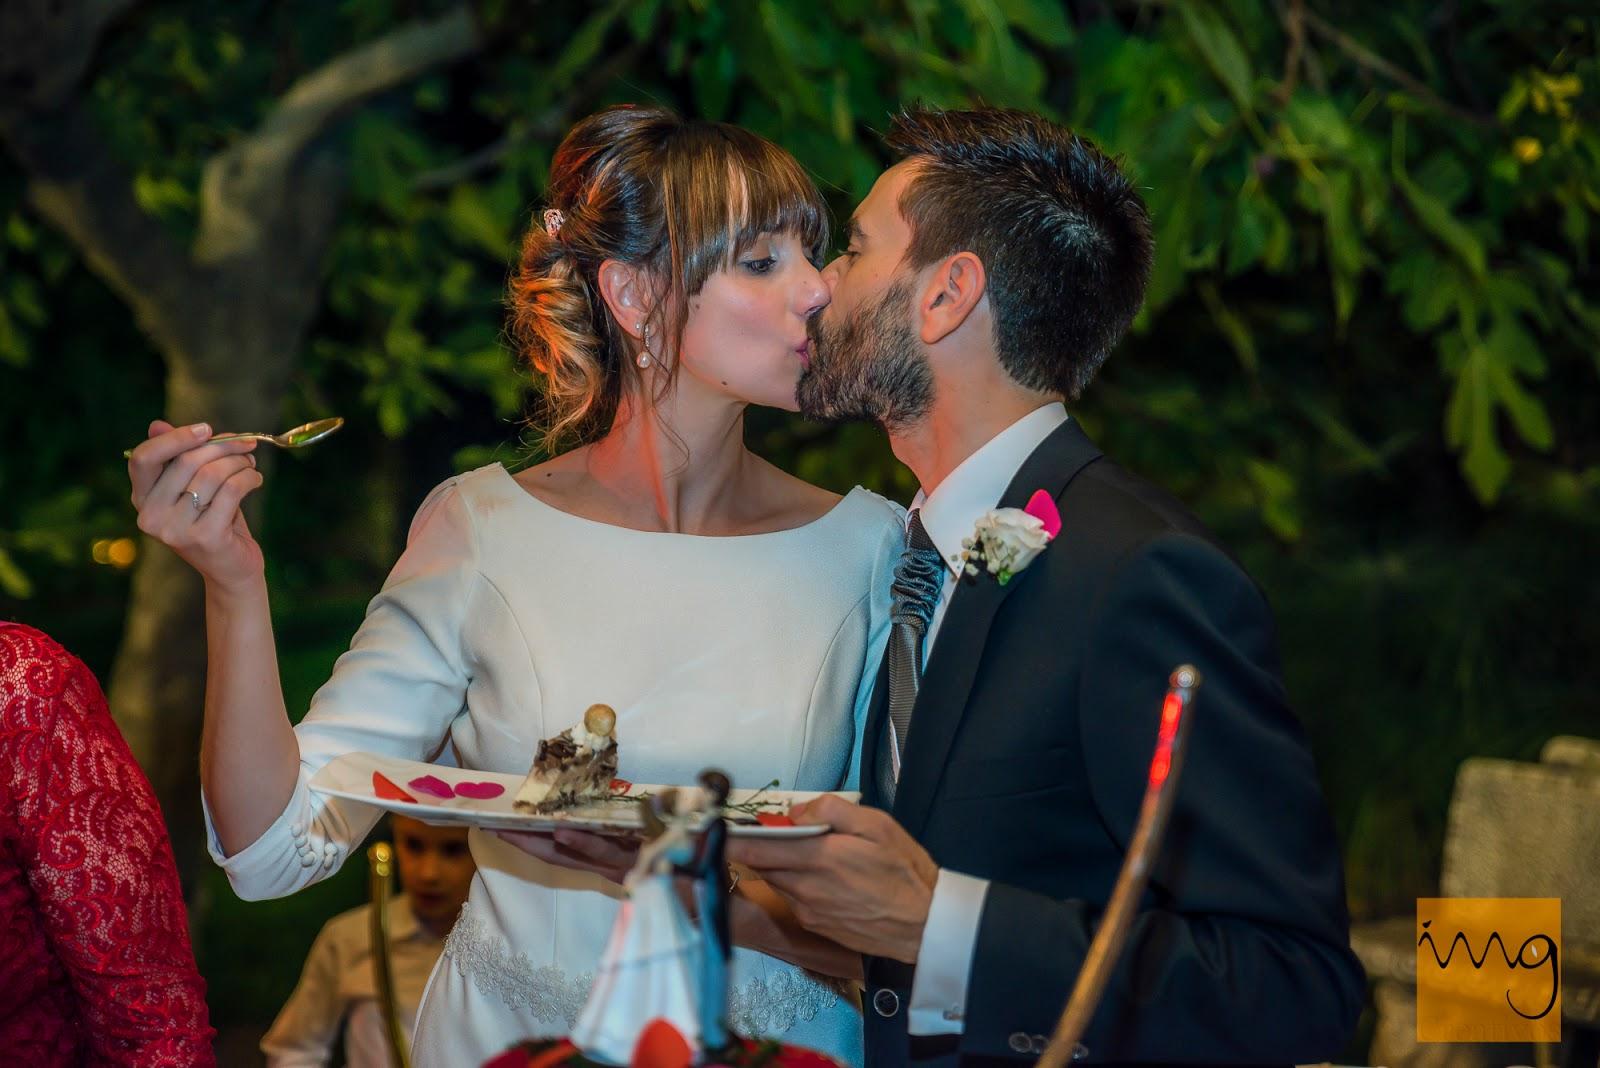 Fotografía del beso en la tarta de boda